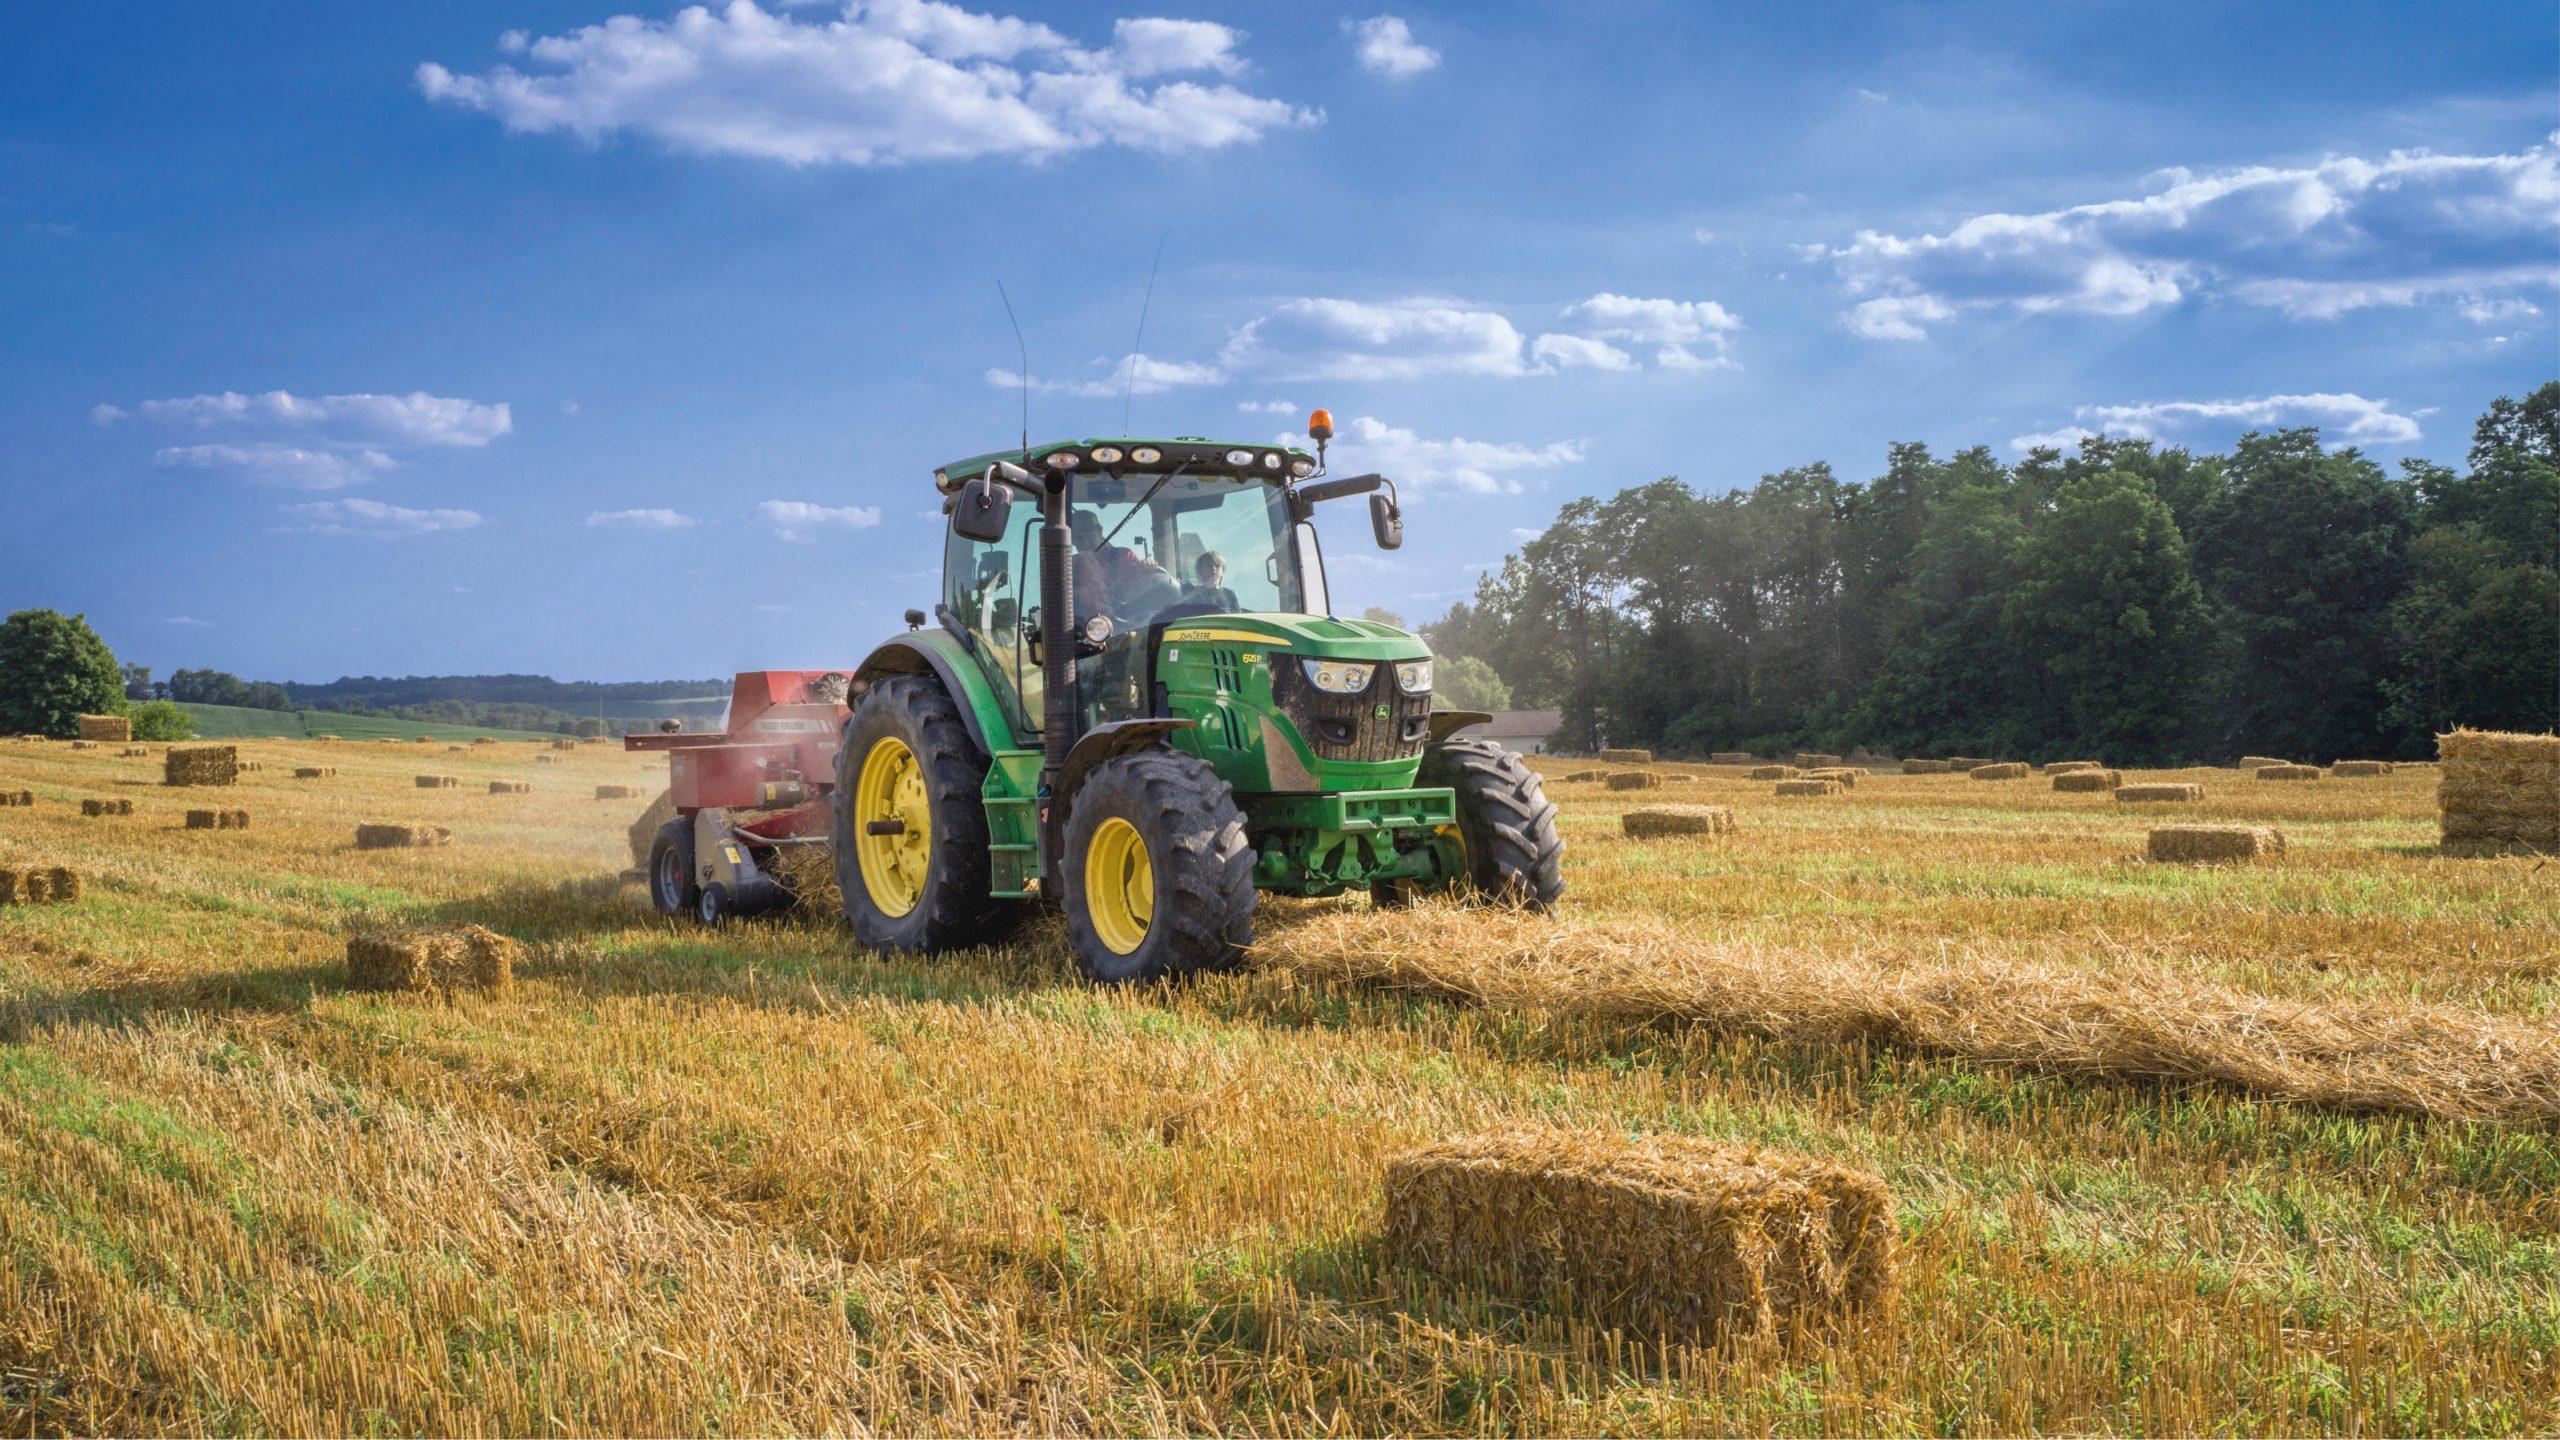 La mayoría del apoyo al sector agrícola perjudica al medio ambiente: ONU